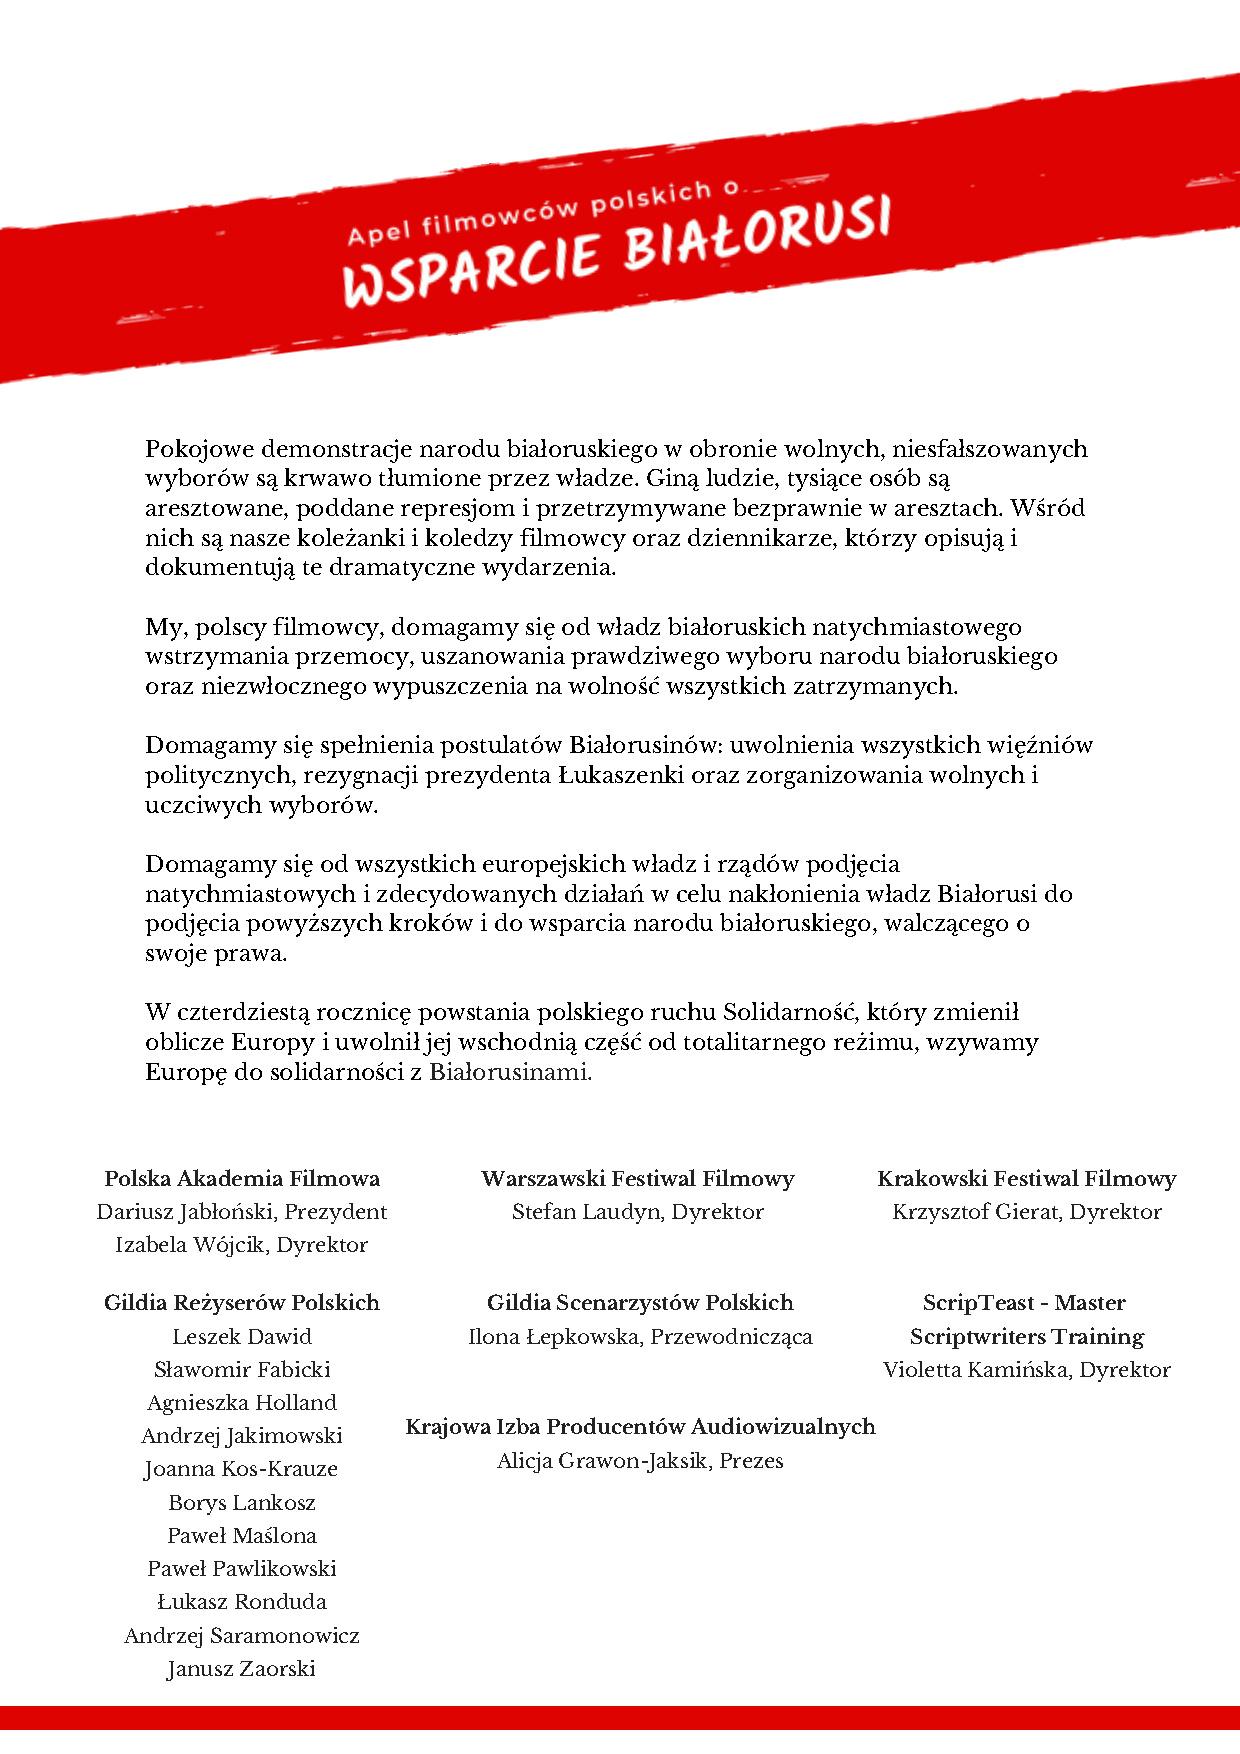 Białoruś_PL_wersja z nazwiskami